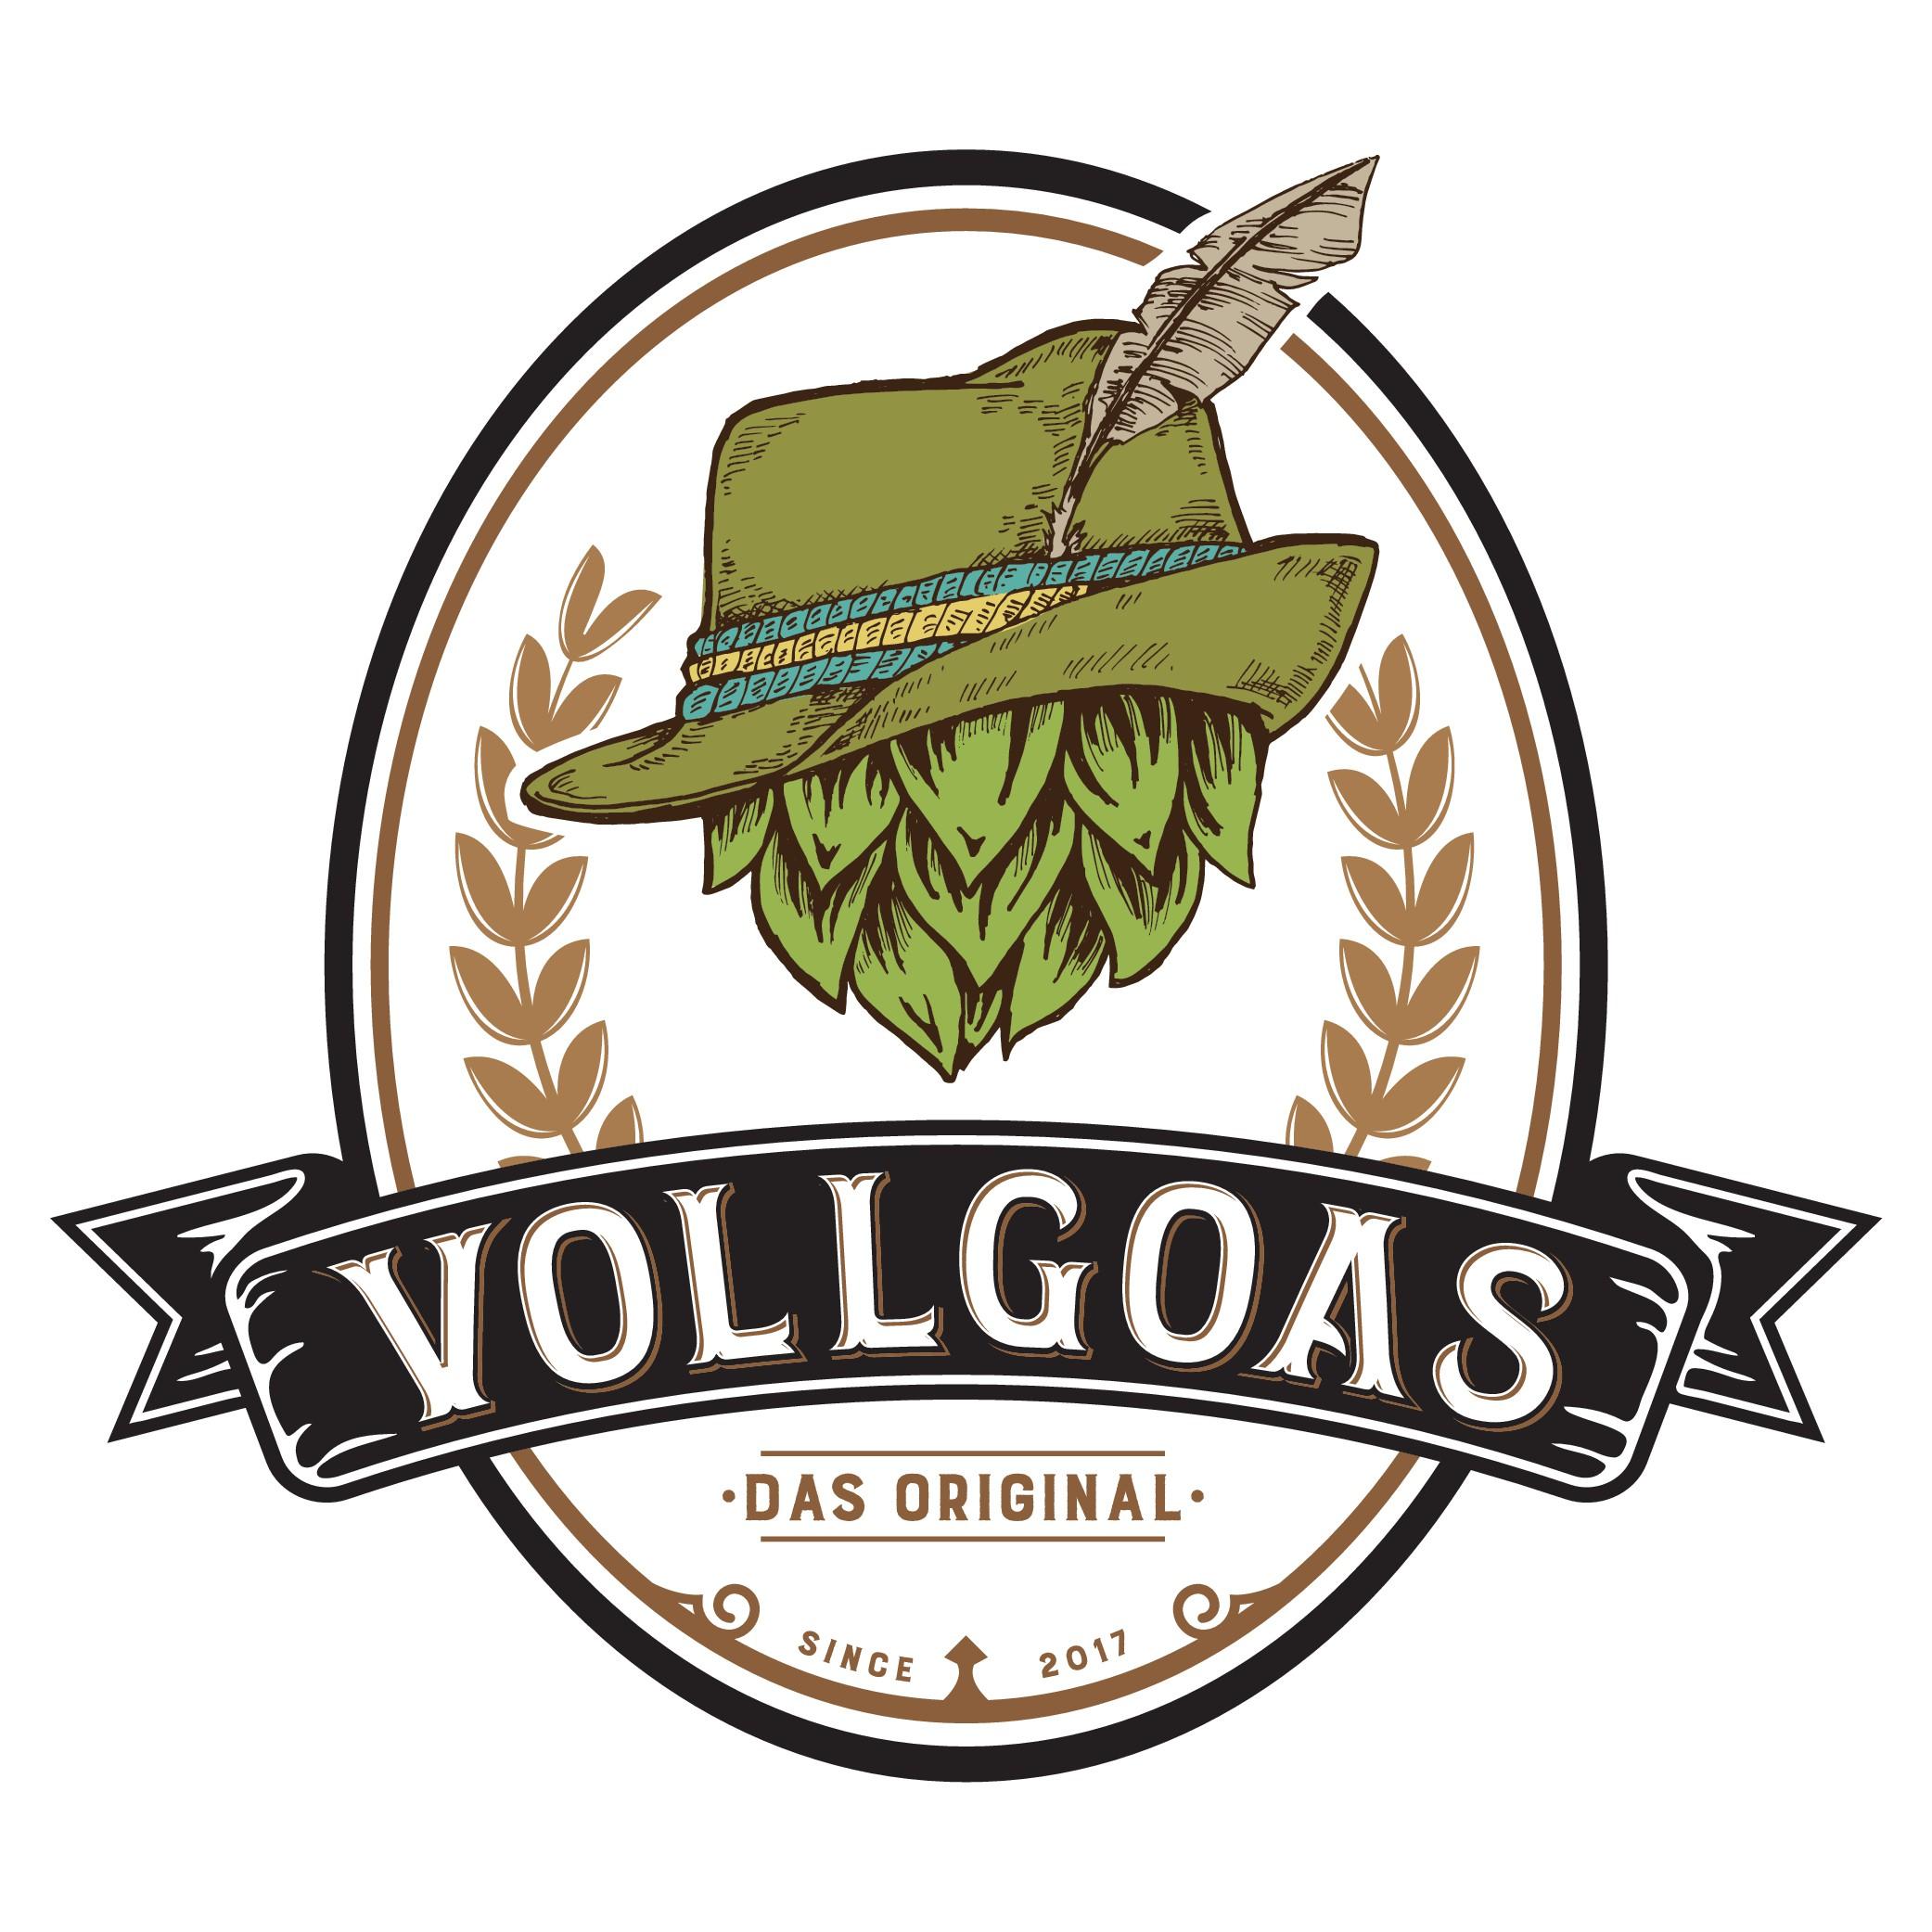 Erstelle ein Logo für eine angesagte Biermarke